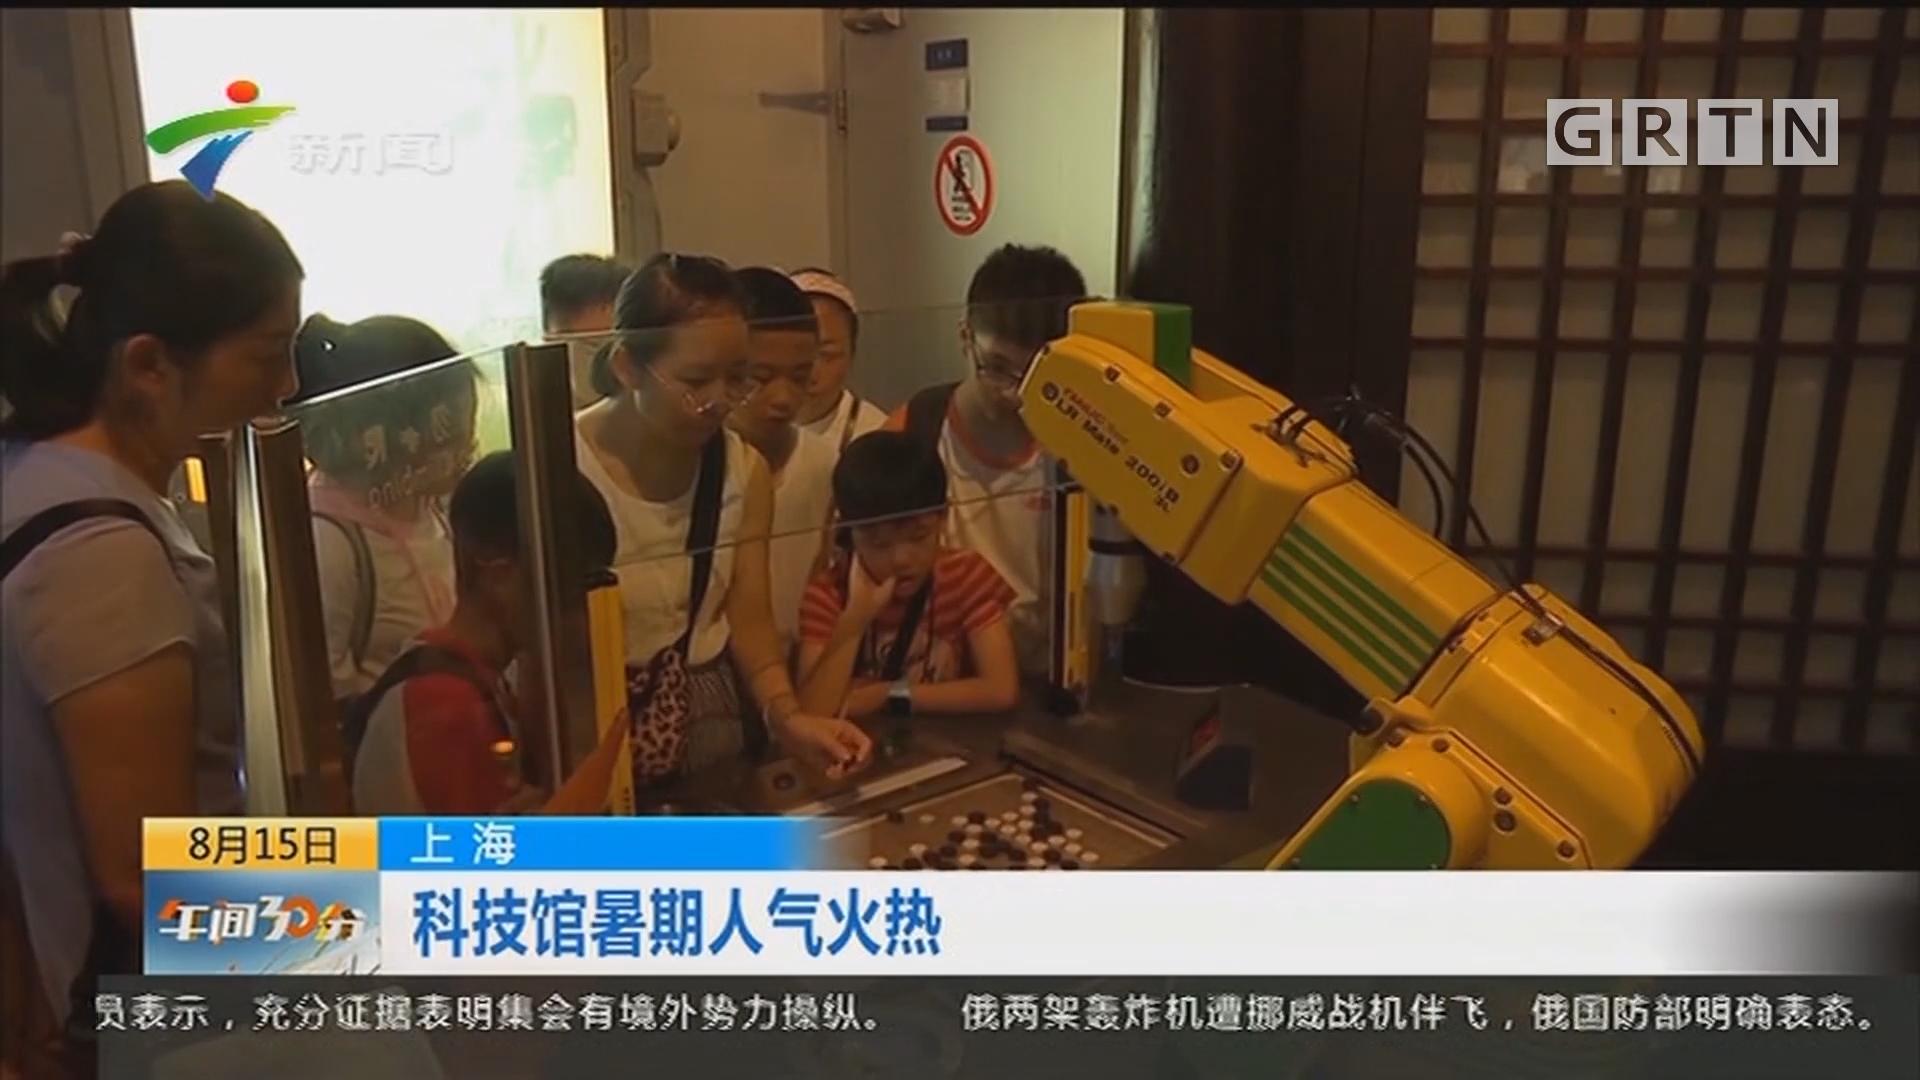 上海:科技馆暑期人气火热